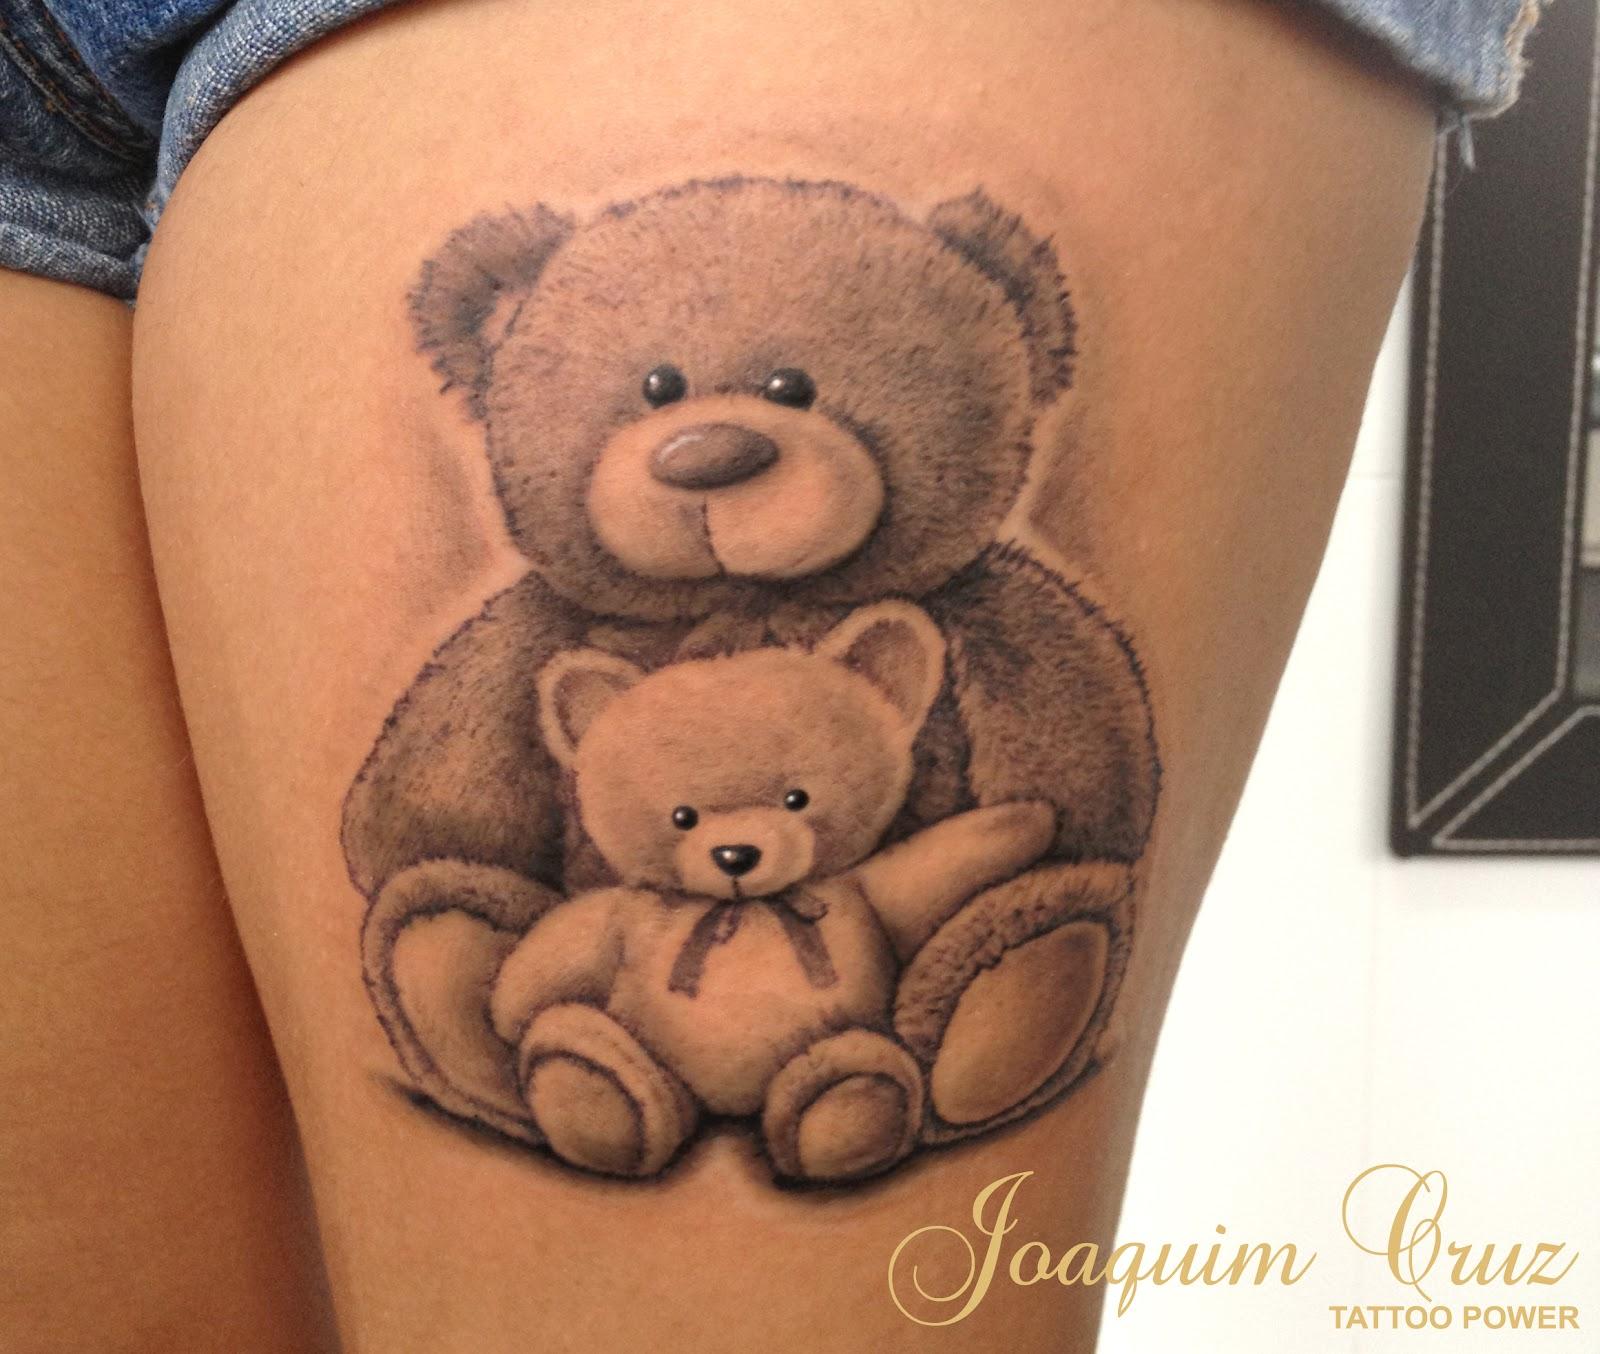 PETIT DICO Signification des tatouages Mes bons moments - Signification Symbole Tatouage